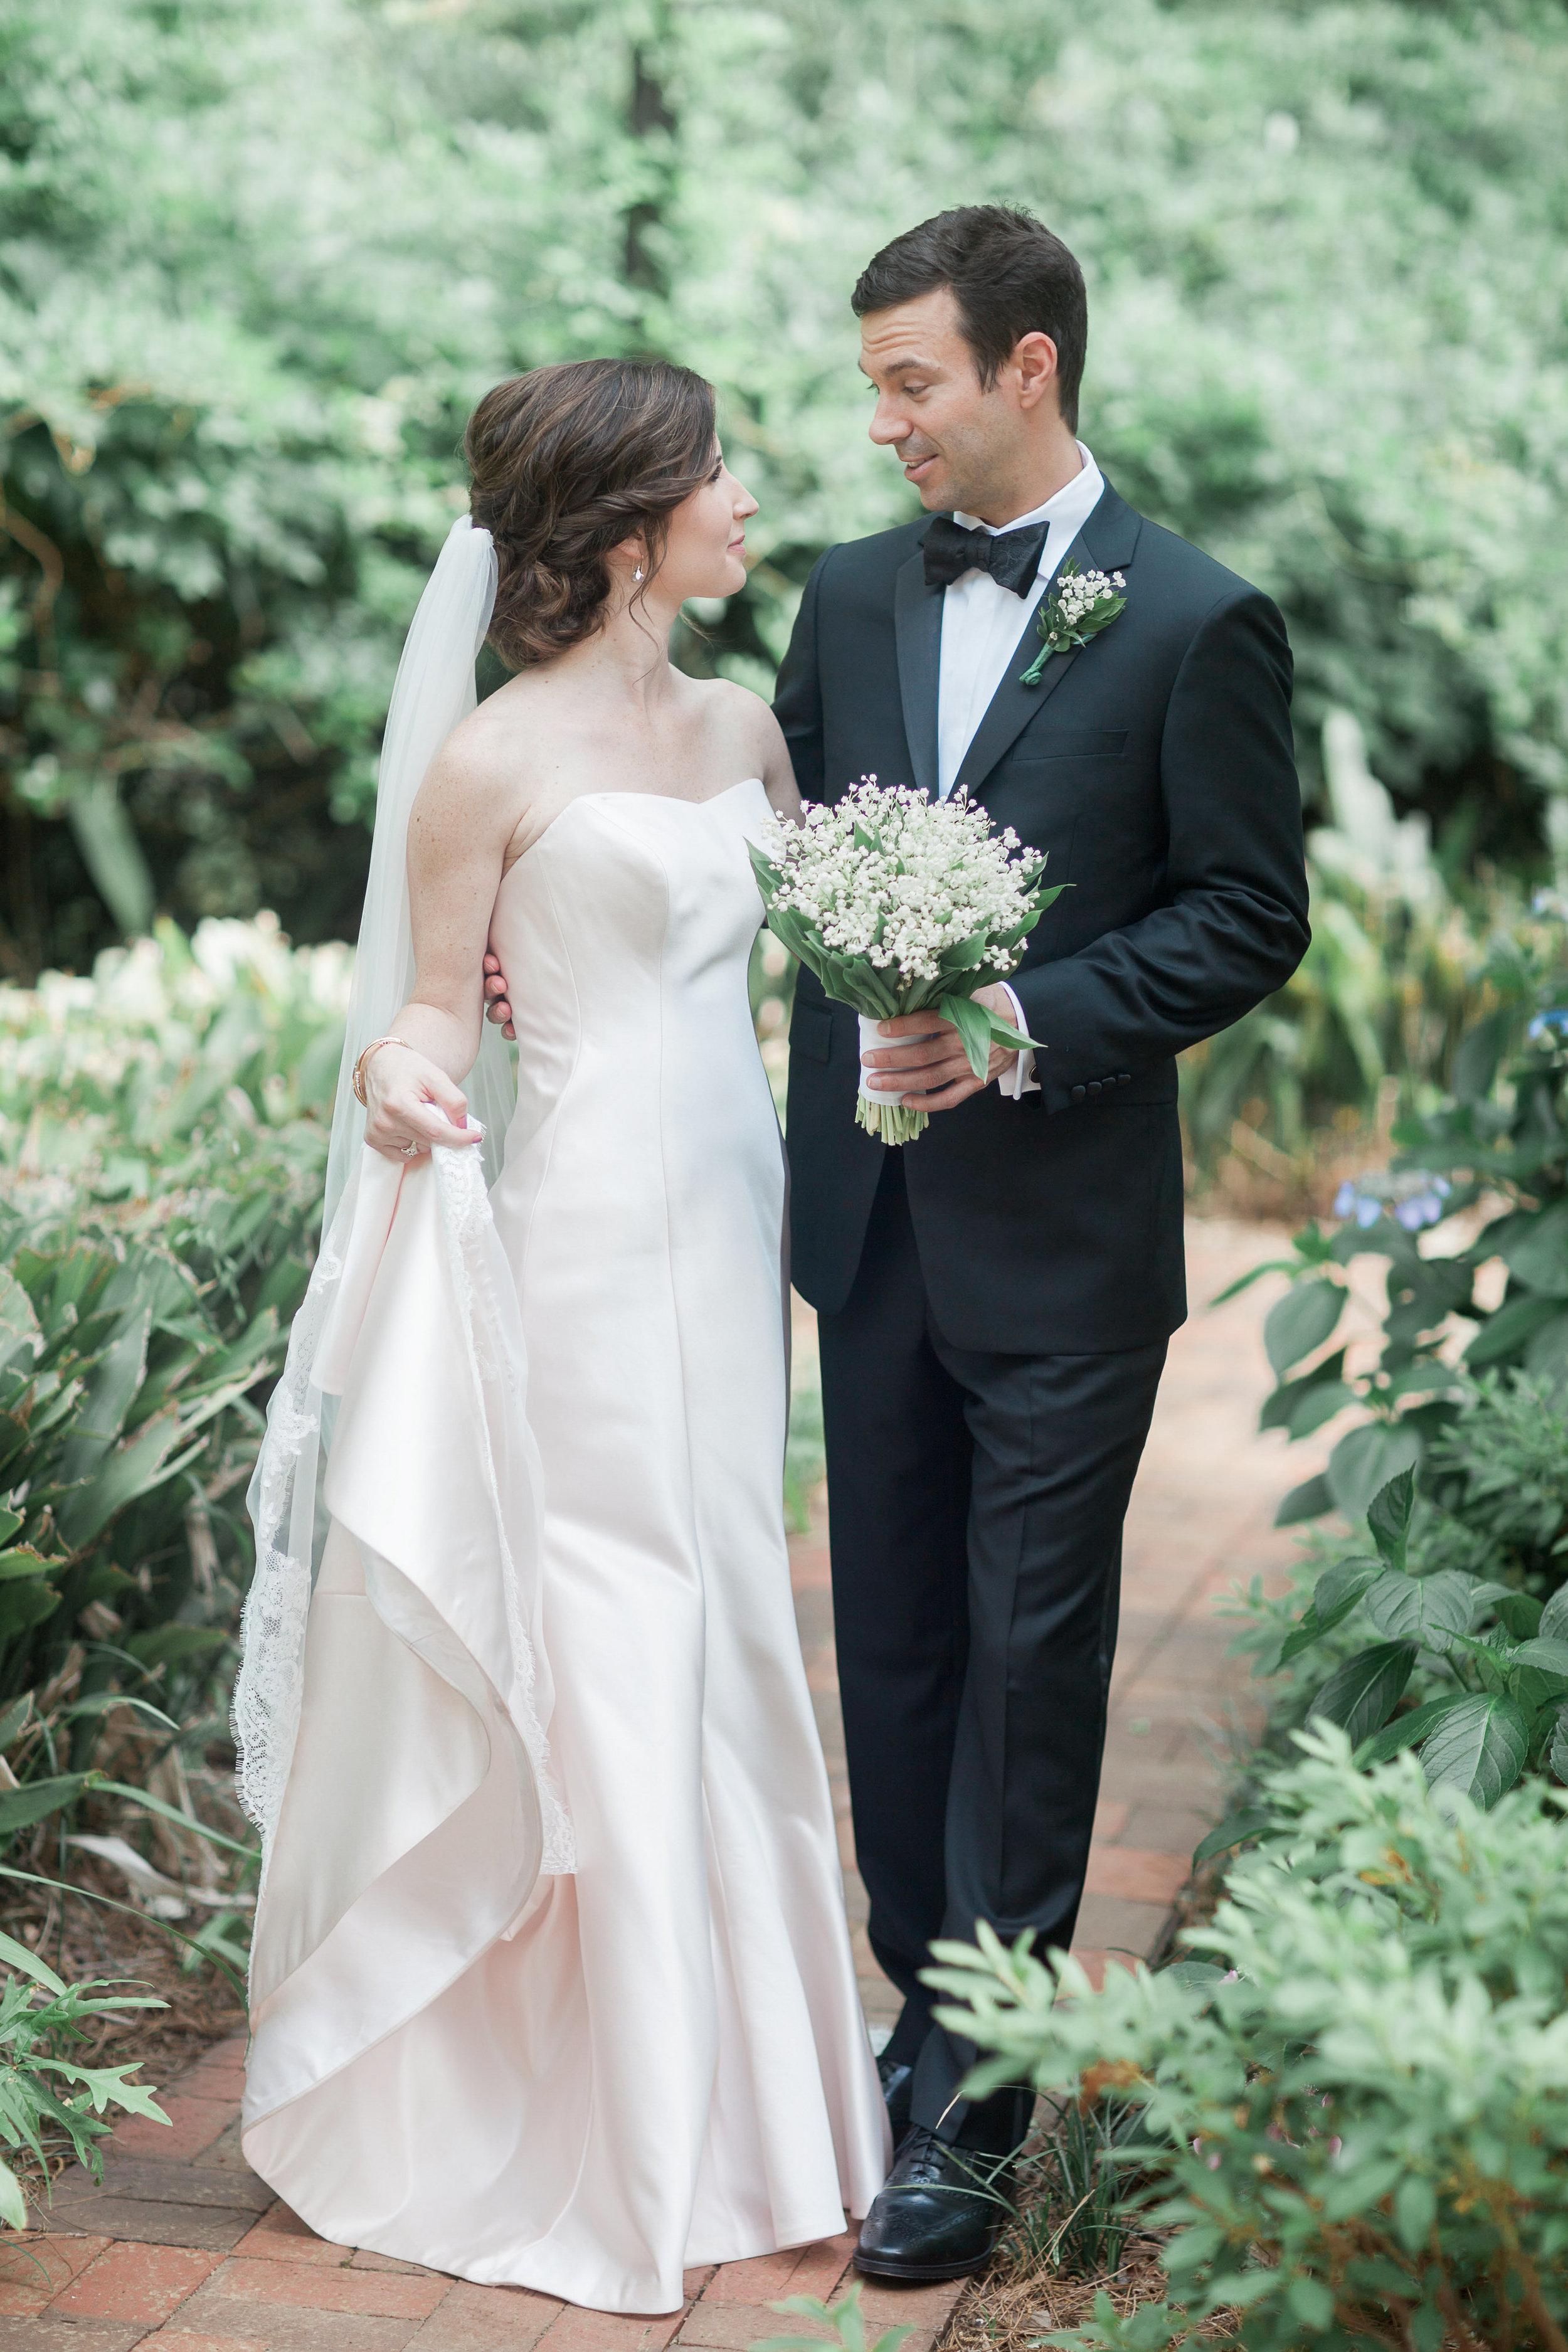 kelseywedding-bride and groom-0057.jpg